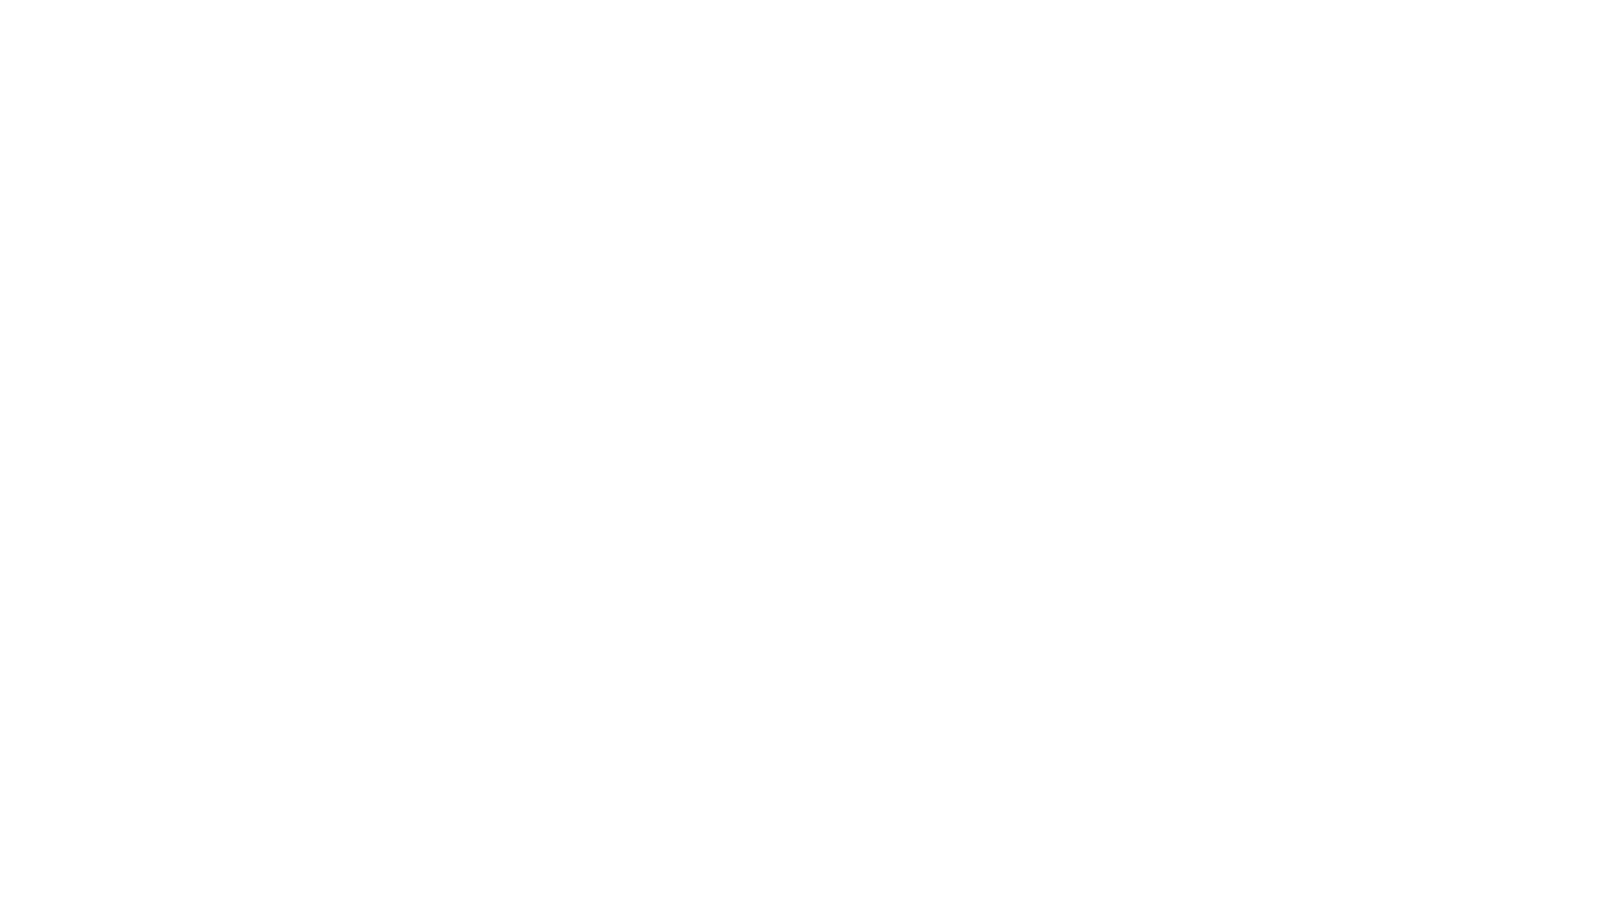 7/1発売の「サマーバケーションキット」をいち早くレポ! 大きくて可愛いポーチに パイロットディフューザー、 シトロネラ15ml ローレルリーフ 5mlが入っています。  参考動画▶︎シトロネラの使い方 https://youtu.be/ZBdL_4GY1OA ーーーーーーーーーーーーーーーーーーーーーー いつもご視聴ありがとうございます。 チャンネル登録といいねボタン、励みになります。  このチャンネルでは、 ・エッセンシャルオイルの使い方 ・初心者さんでもカンタンなセルフケア方法 などをお伝えしています。  こちら概要欄もお読みいただけると嬉しいです。 https://www.youtube.com/c/aromalifeTV/about  気になる!使ってみたい!試してみたい! 私でも使える? お得に買う方法って? こちらからお気軽にご質問どうぞ。 https://ikucchi.net/aroma/  *すでにアカウントをお持ちの方のご質問は ご紹介者 もしくはカスタマーへお尋ねくださいね。  ♡随時更新中♡ *チャンネルをご覧のみなさまとのコミュニティ https://www.youtube.com/c/aromaticlover/community  *:☆・∴・∴・∴・∴・∴・∴・∴・∴・∴・☆:*: 失敗しないエッセンシャルオイルの選び方 *:☆・∴・∴・∴・∴・∴・∴・∴・∴・∴・☆:*:  失敗しない選び方の3つのポイントは、 ●ロットごとに品質保証されているものを選ぶこと  →おすすめは「CPTG®」マークのついているもの ●正規販売ルートから、お得な買い方まで知った上で購入すること  →私が愛用しているメーカー・ブランドのエッセンシャルオイルは   ◯天や、◯mazon、◯ルカリで販売されているものは、   許可なく転売されているものです。   中身の保証もなく、品質劣化、異物混入されている場合もあります。   もちろんメーカー保証対象外ですので絶対に避けてください。 ●購入した後、使い方のフォローを受けられる方からご縁すること  →1本のエッセンシャルオイルでも10〜30通り以上の使い道があるので、   都度教えてもらいながら楽しく使うことが使いこなしのコツです。  私からご縁してくださった方は個別、またはLINEグループ、 zoomにてフォローさせていただいております。ご安心くださいね。  #ドテラ #doTERRA #エッセンシャルオイル  音楽素材提供: https://dova-s.jp/ https://soundeffect-lab.info/